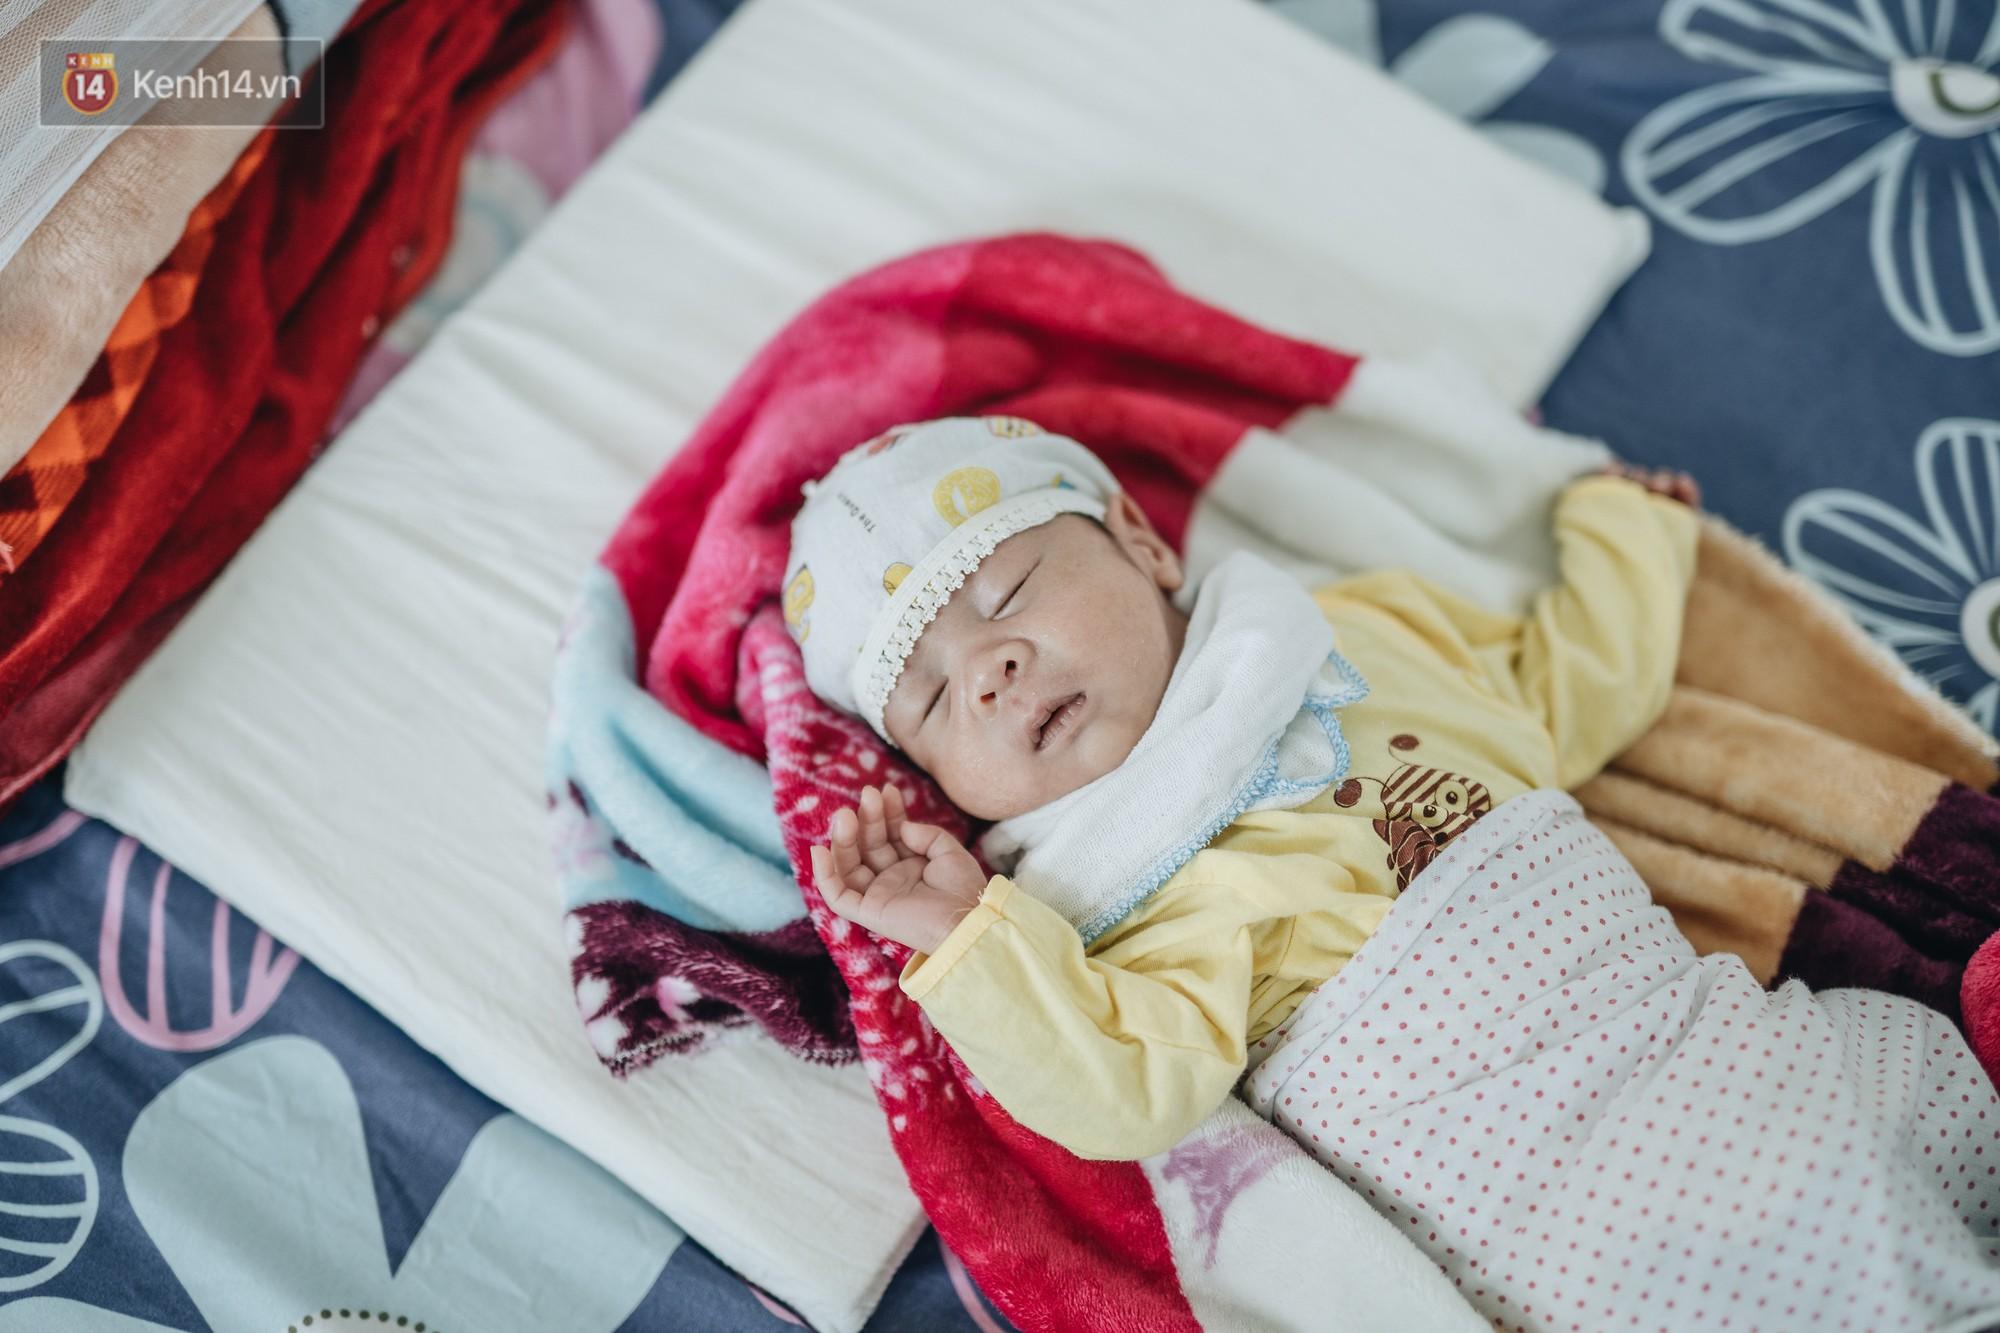 Nhật ký 55 ngày chiến đấu đầy cảm xúc của người mẹ ung thư và con trai: Mong Bình An rồi sẽ bình an!-10